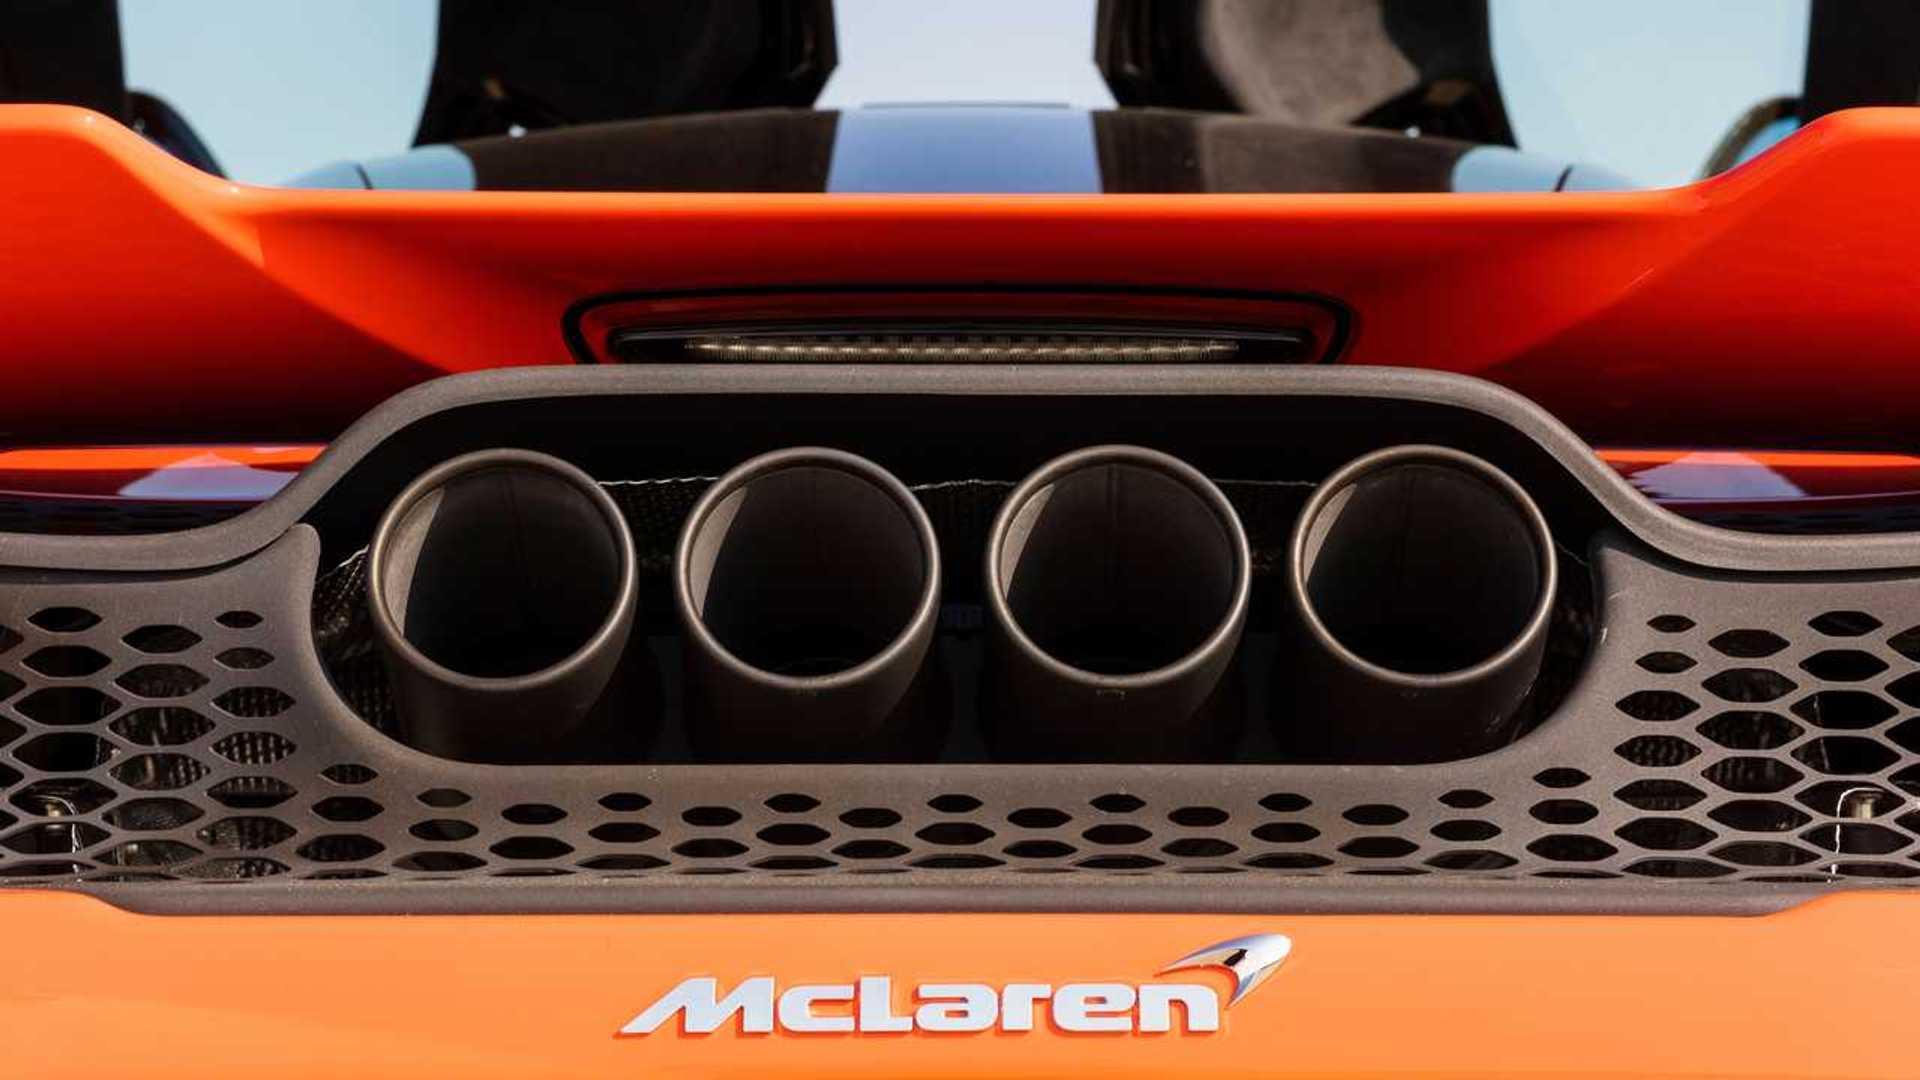 2021 McLaren 765LT four exhaust